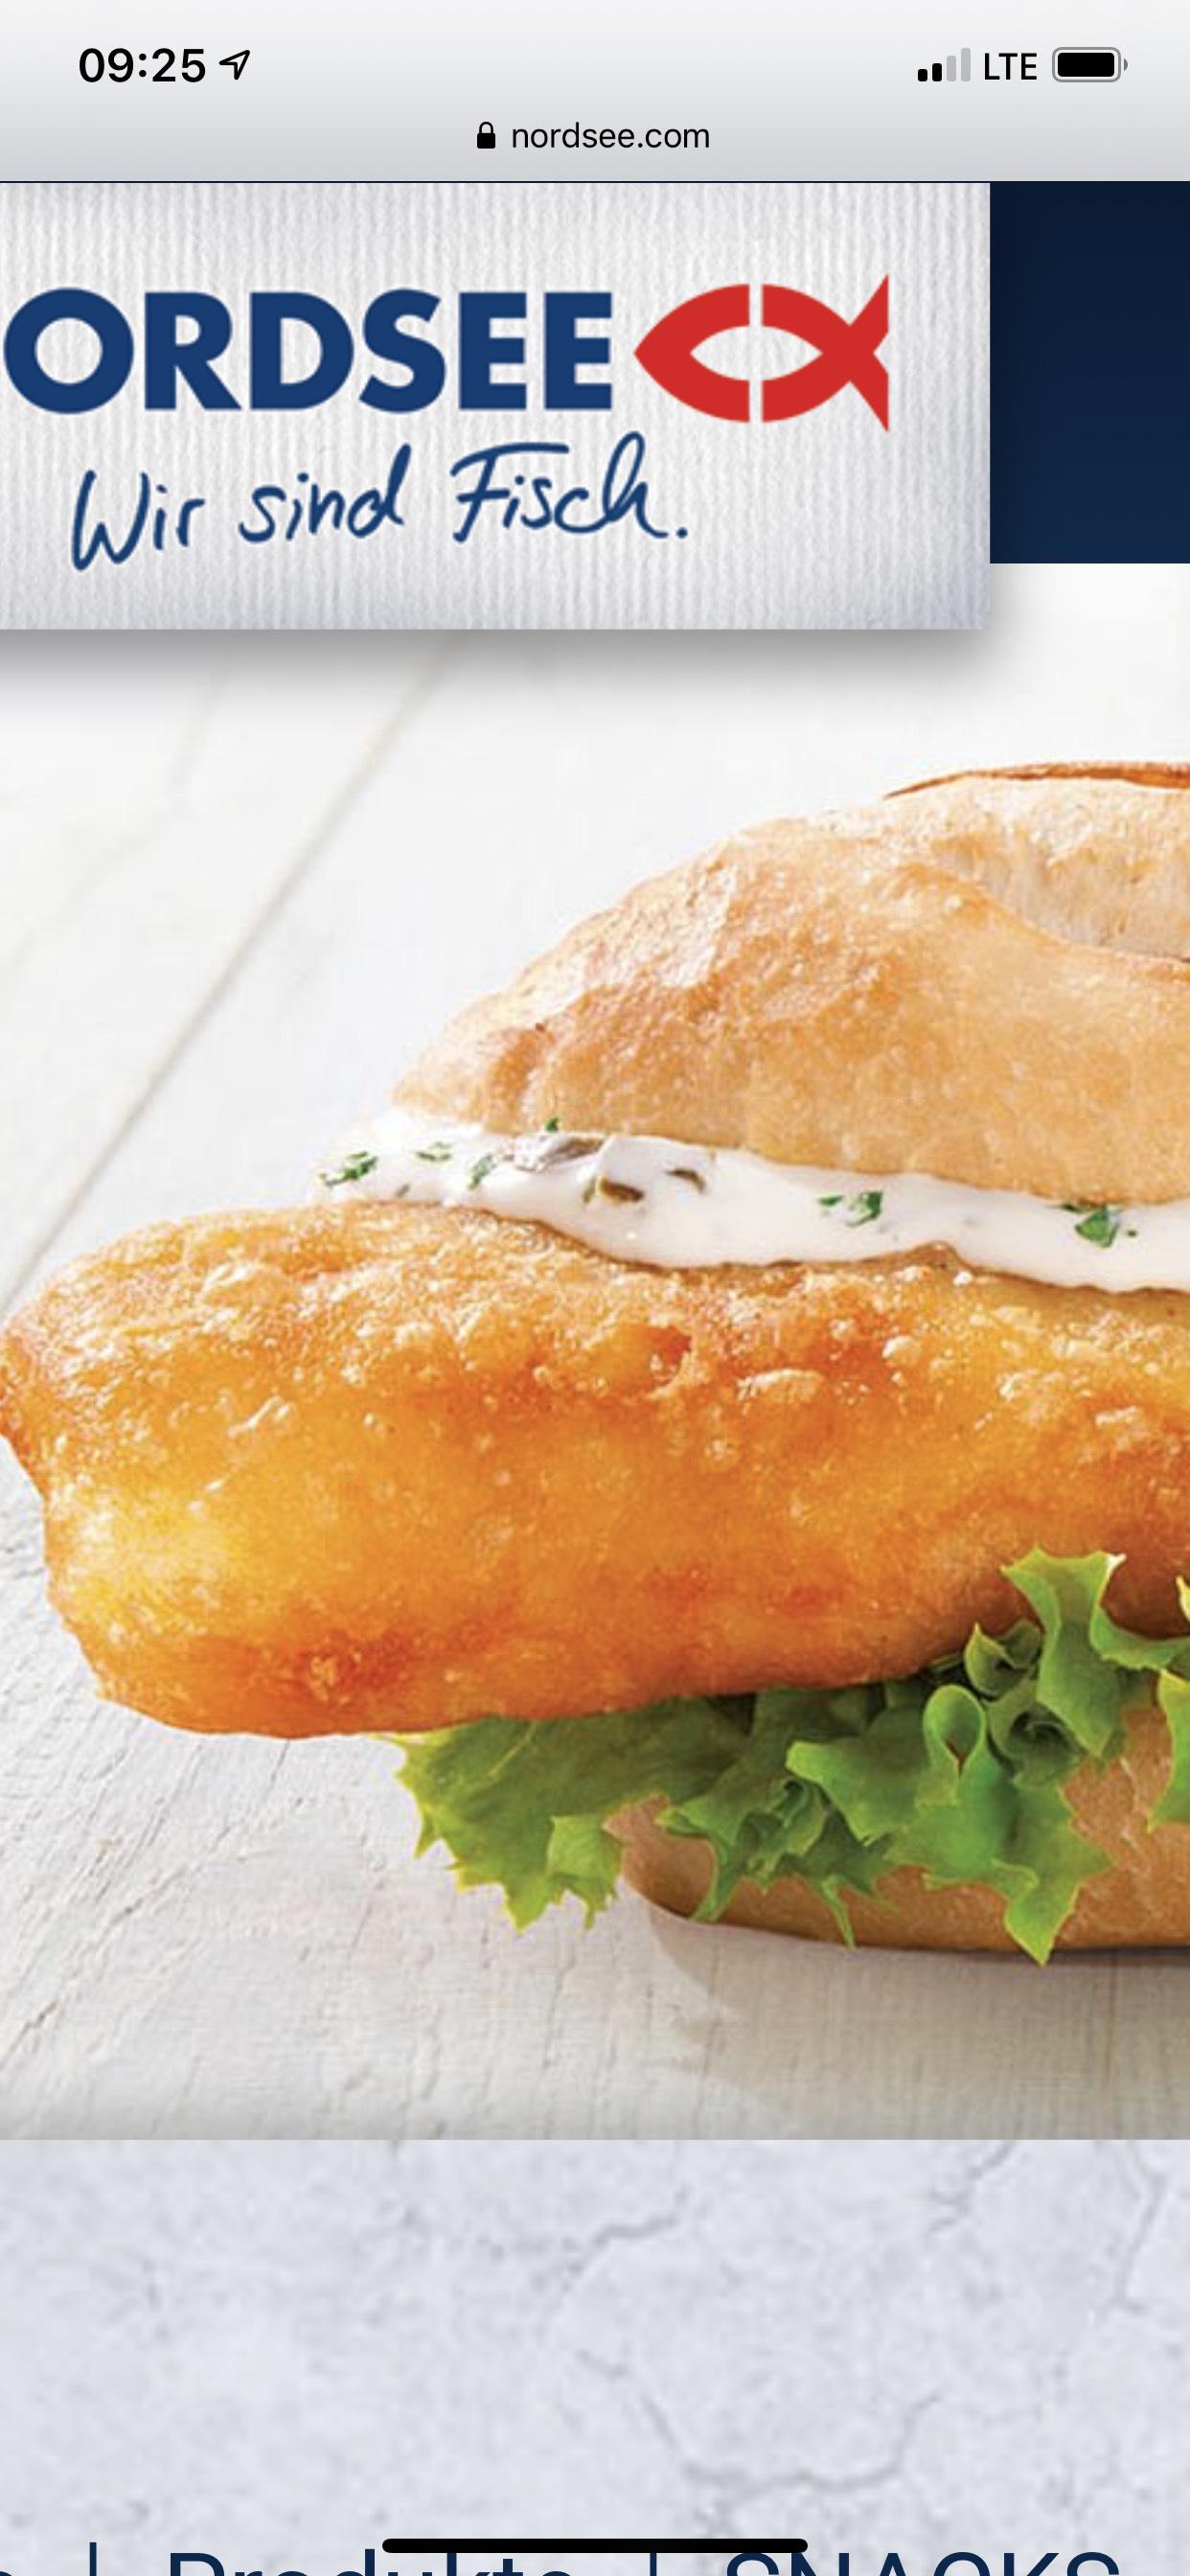 Küstenbackfisch-Baguette für 1,99 bei der Nordsee Bremen Hbf